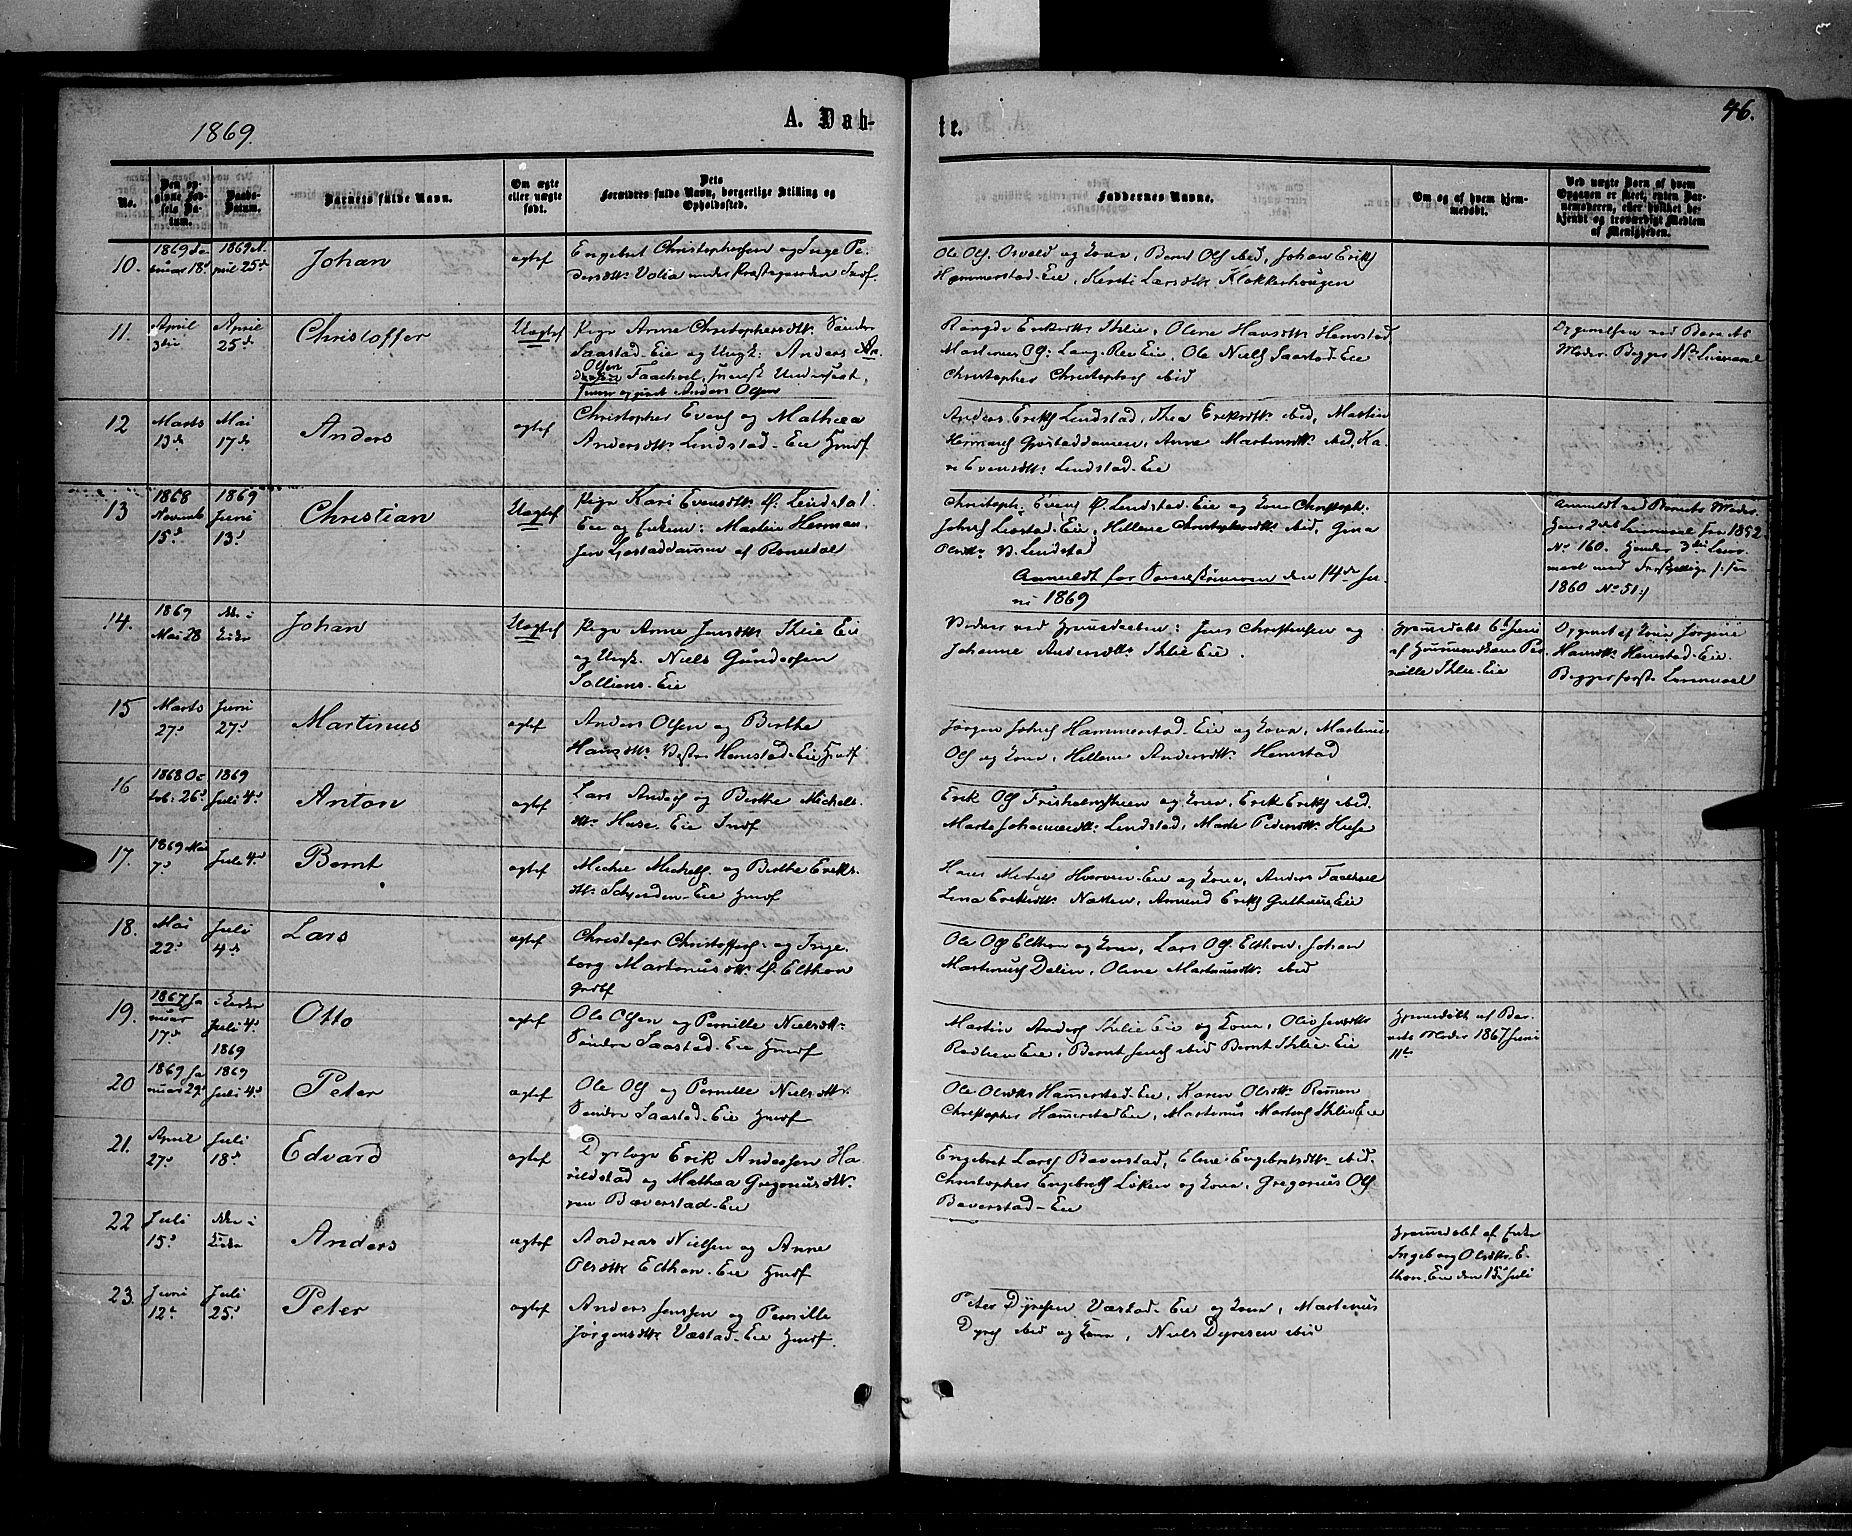 SAH, Stange prestekontor, K/L0013: Parish register (official) no. 13, 1862-1879, p. 46